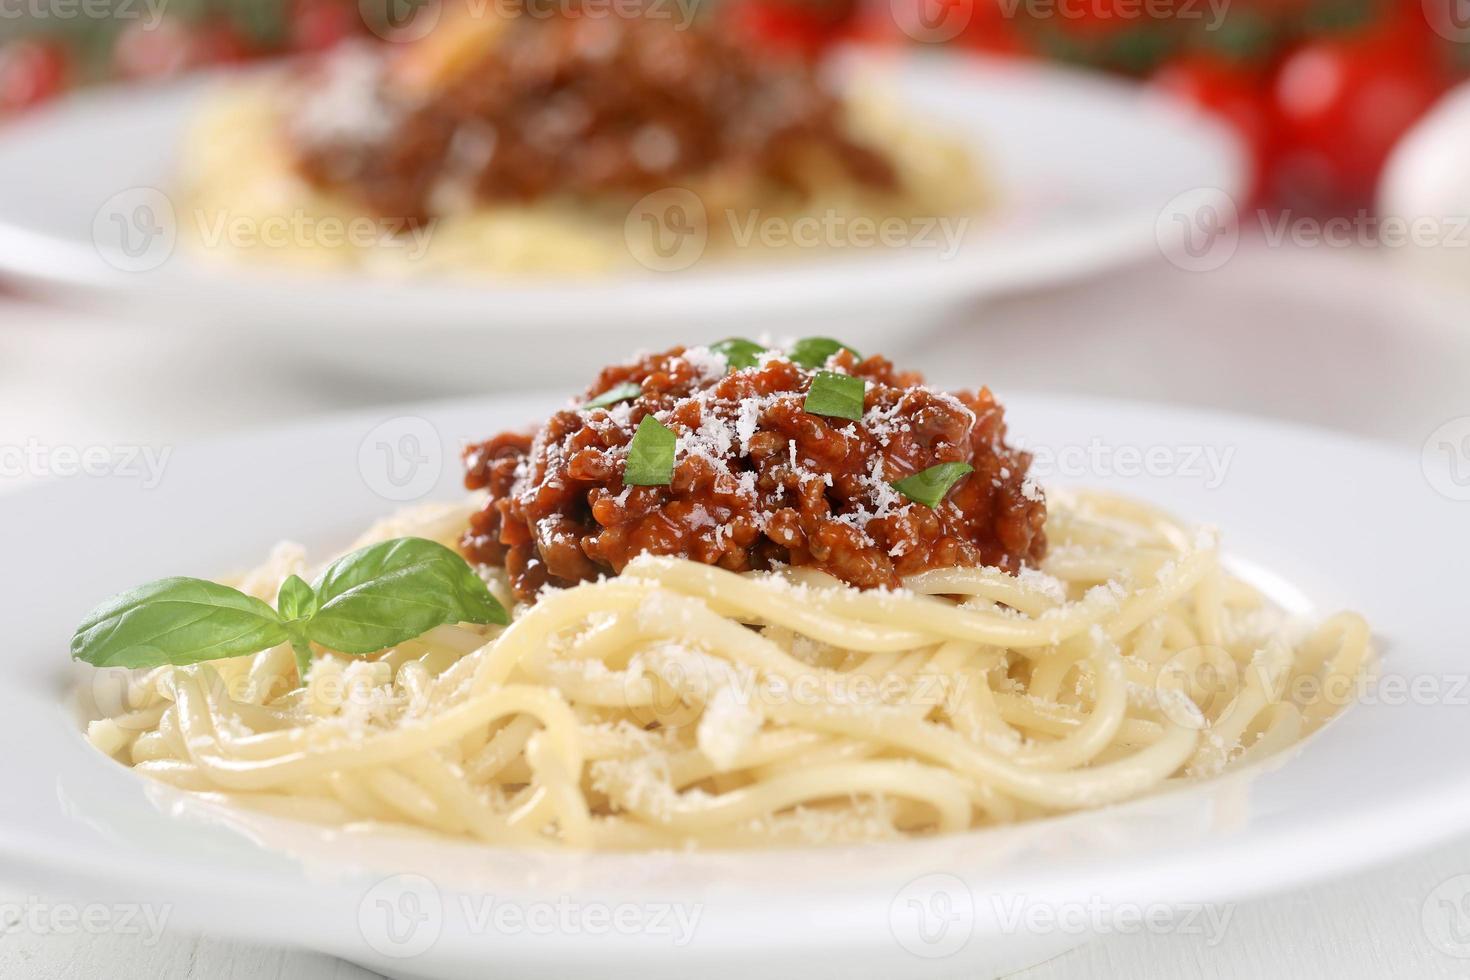 spagetti bolognese nudlar pasta måltid på en tallrik foto